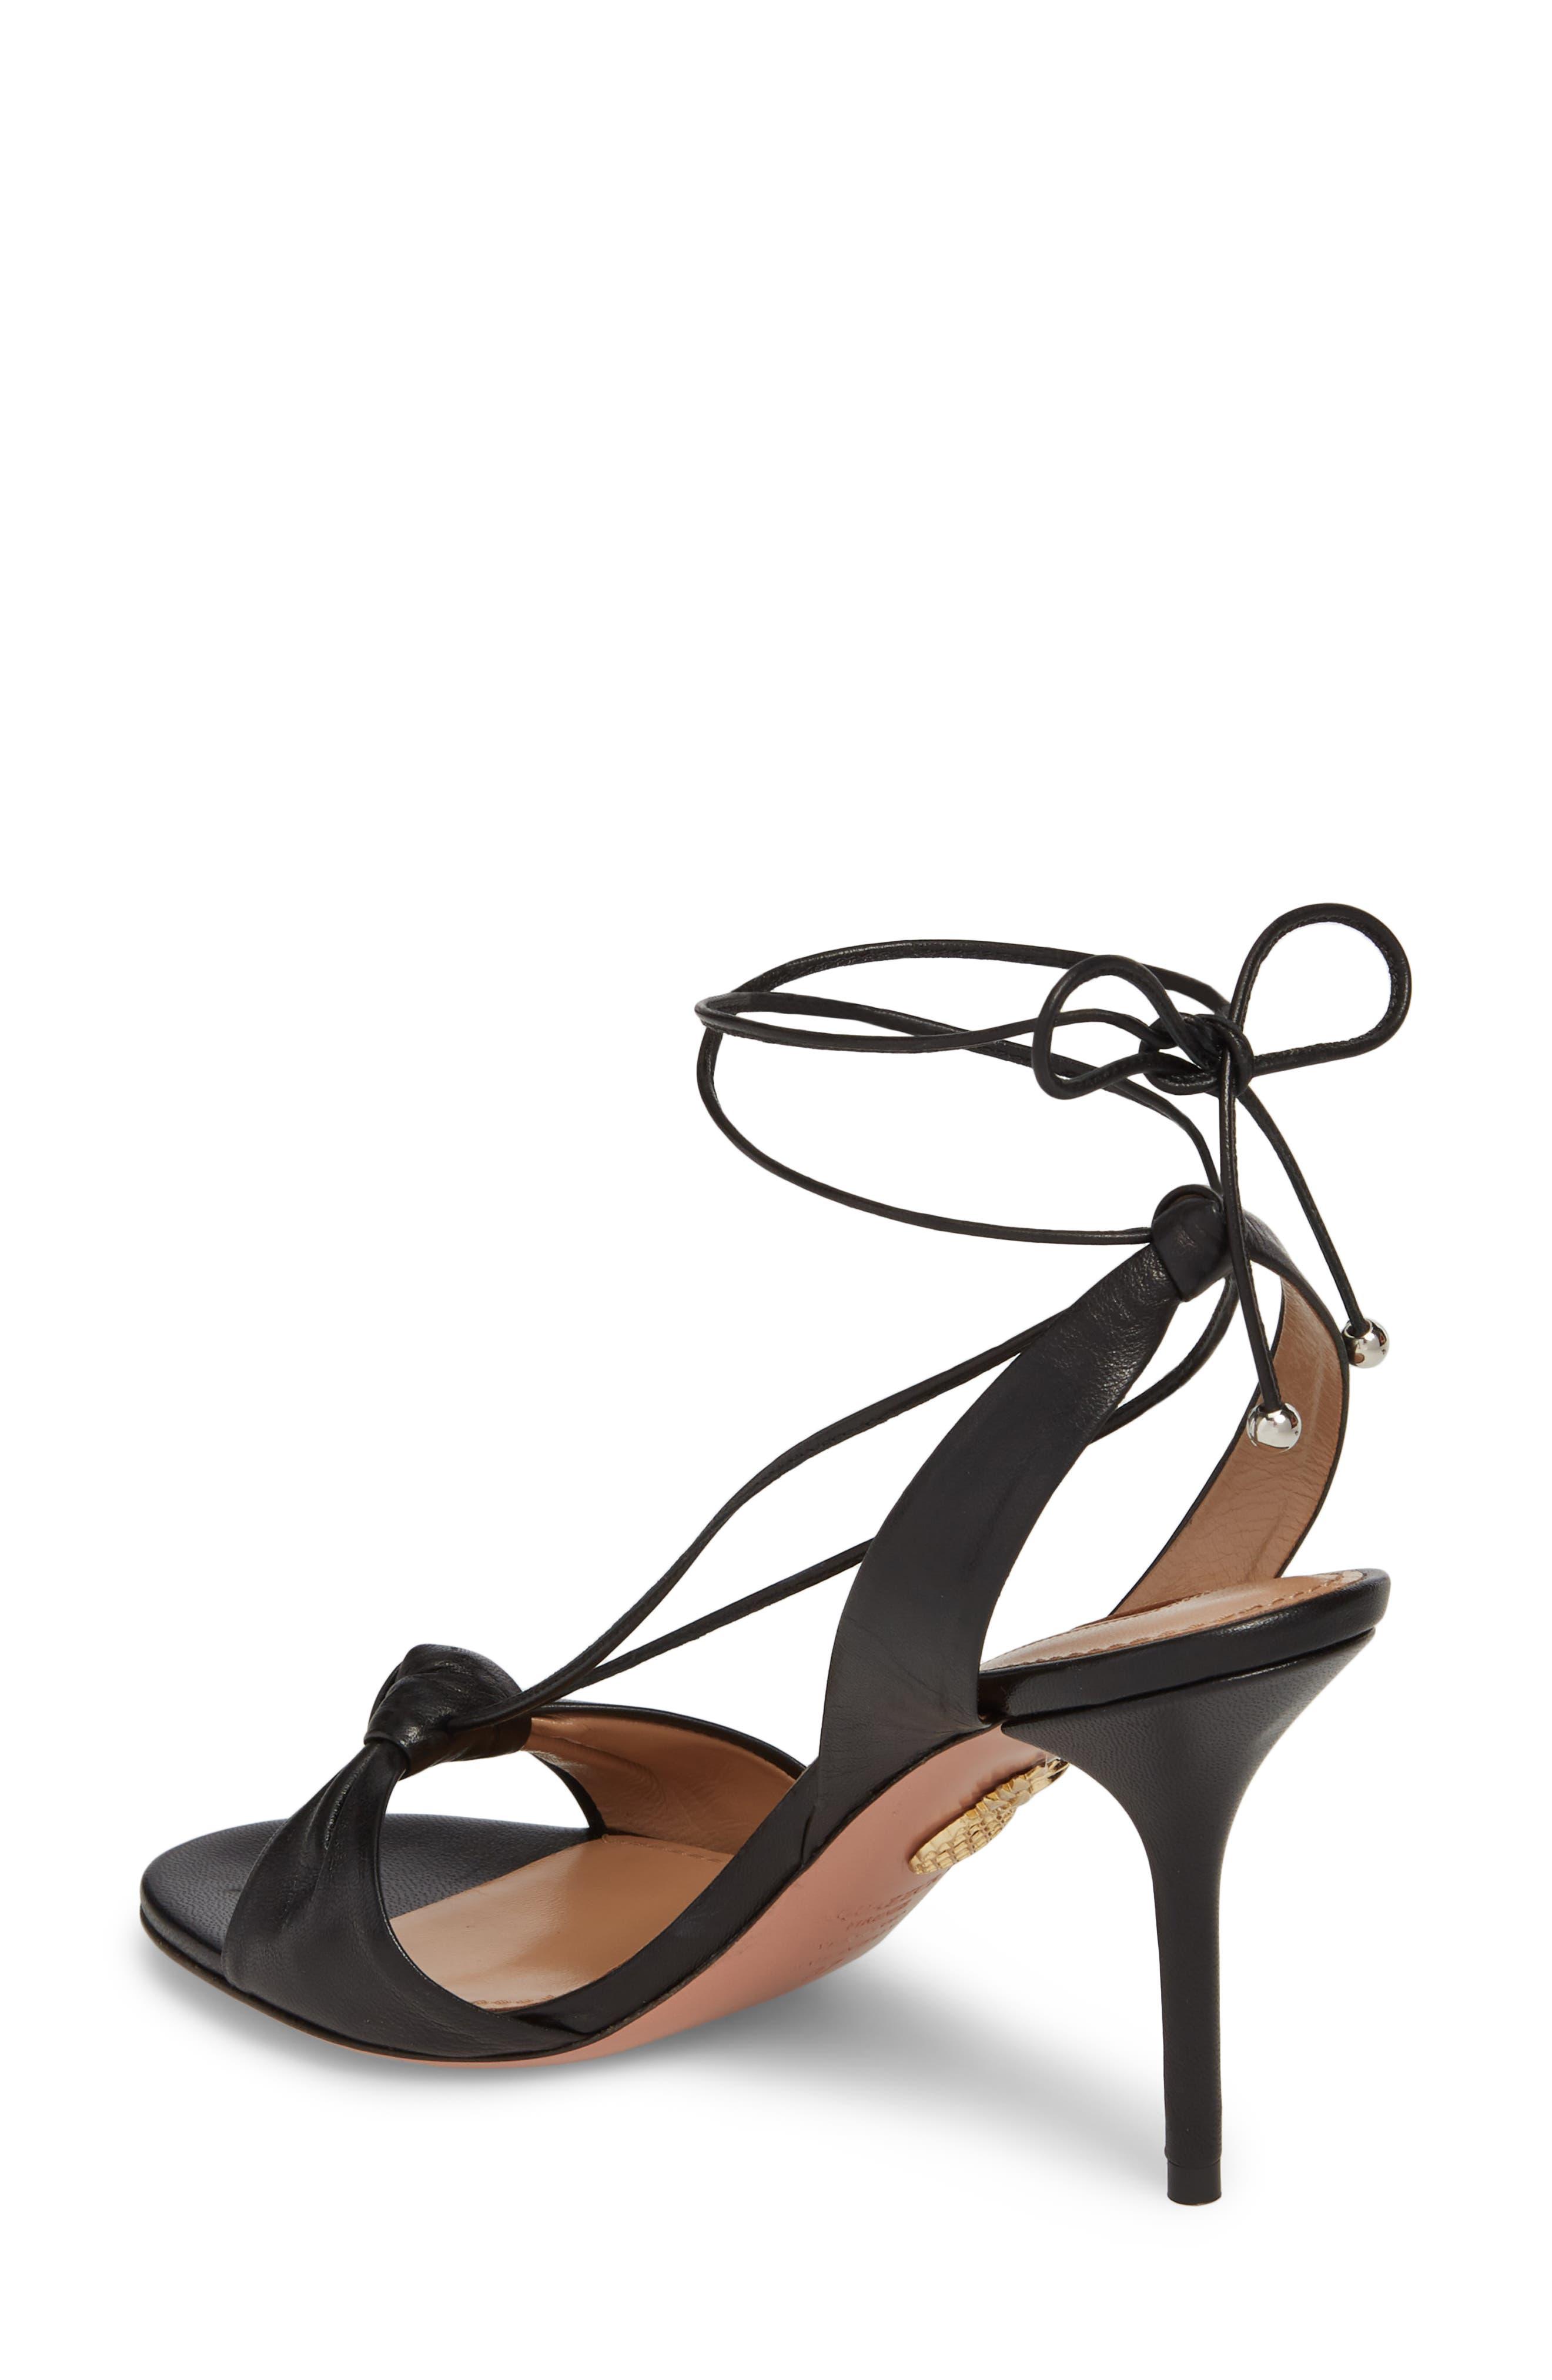 Virginie Lace-Up Sandal,                             Alternate thumbnail 2, color,                             BLACK